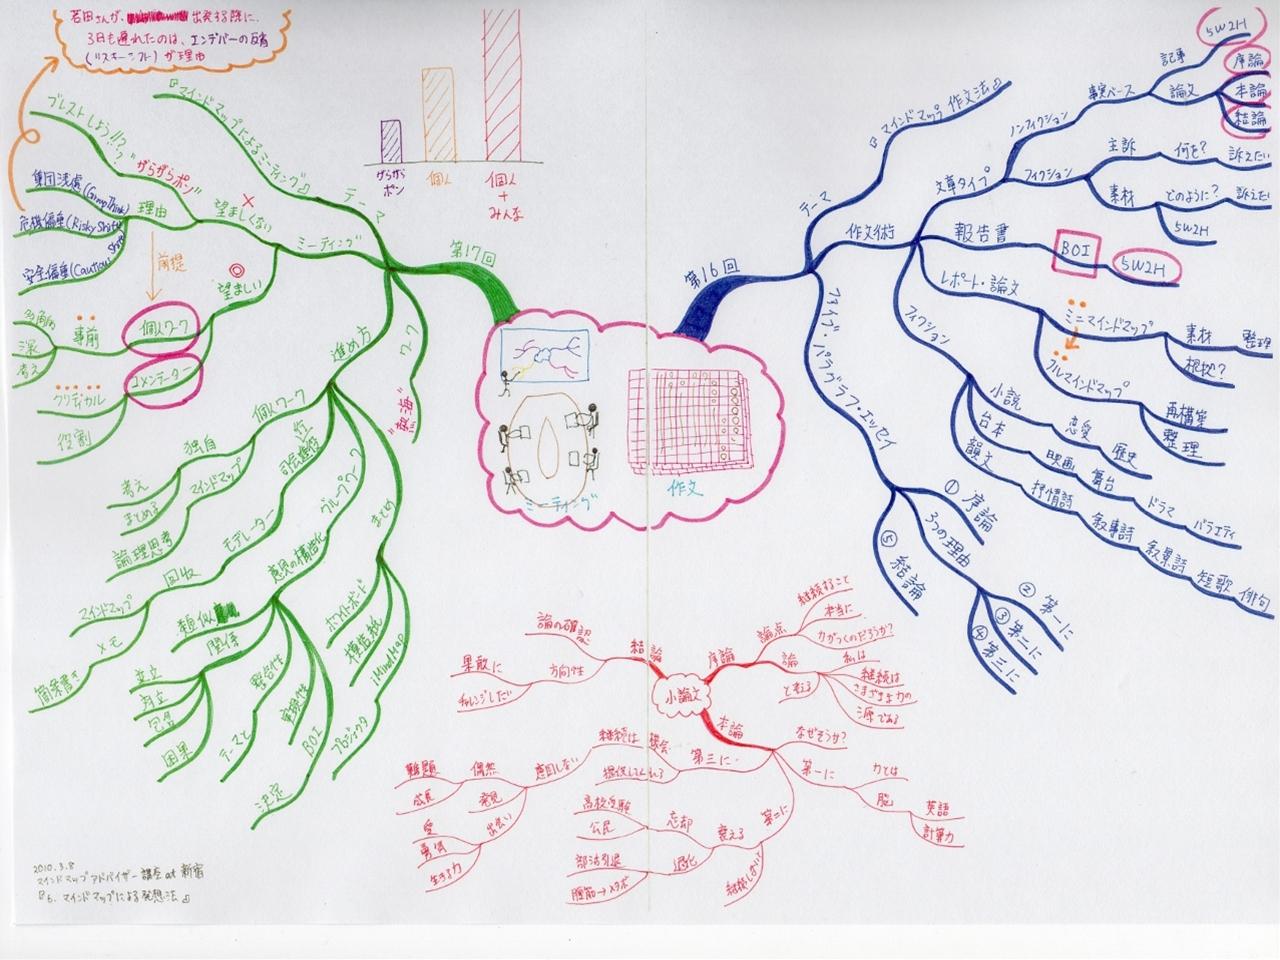 マインドマップアドバイザー講座 at 新宿 『6.マインドマップによる発想法』